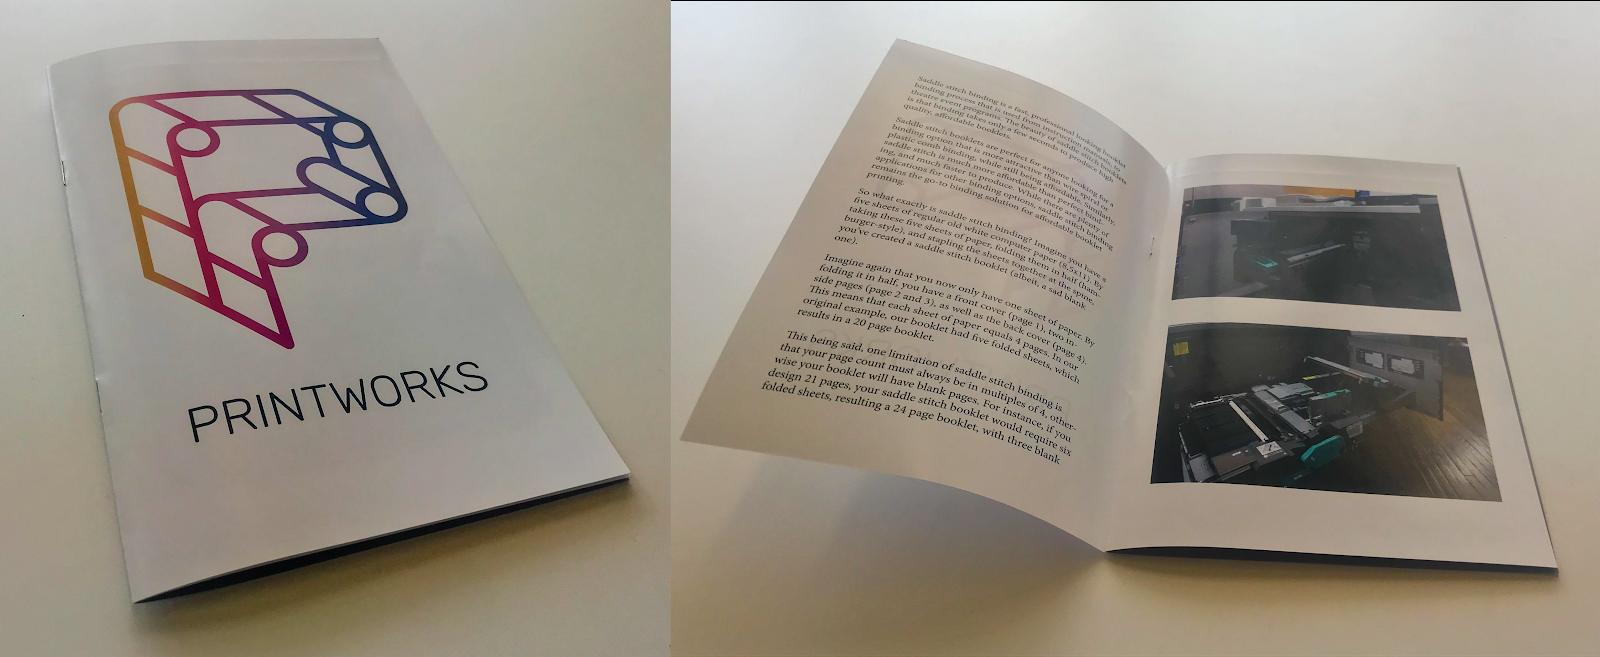 Image of Printworks branded saddle stitch booklet.